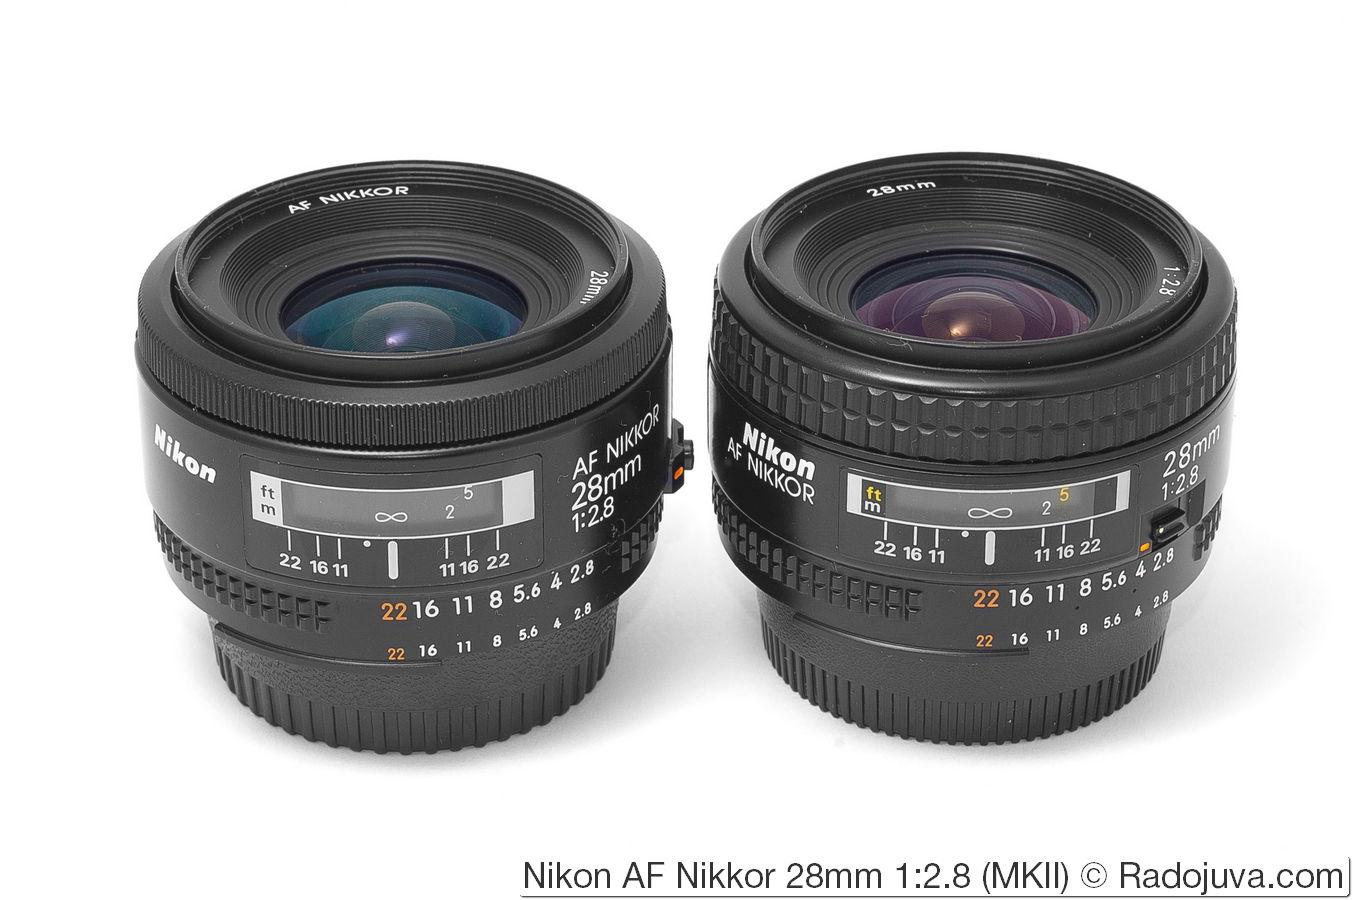 Nikon AF Nikkor 28mm 1:2.8 (MKII)